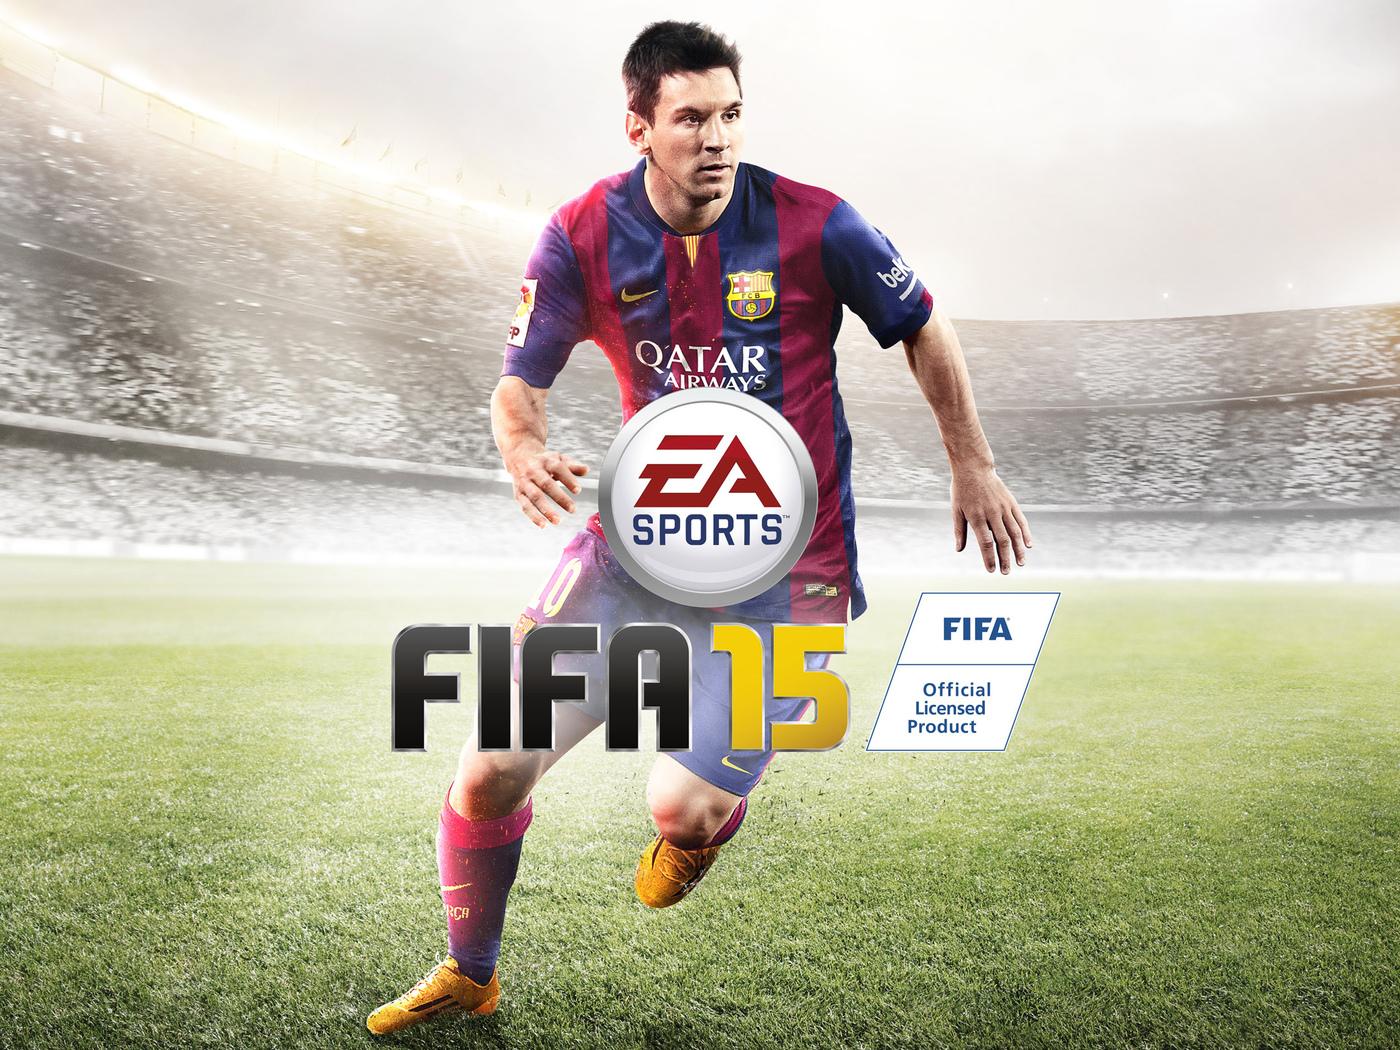 fifa-2015.jpg